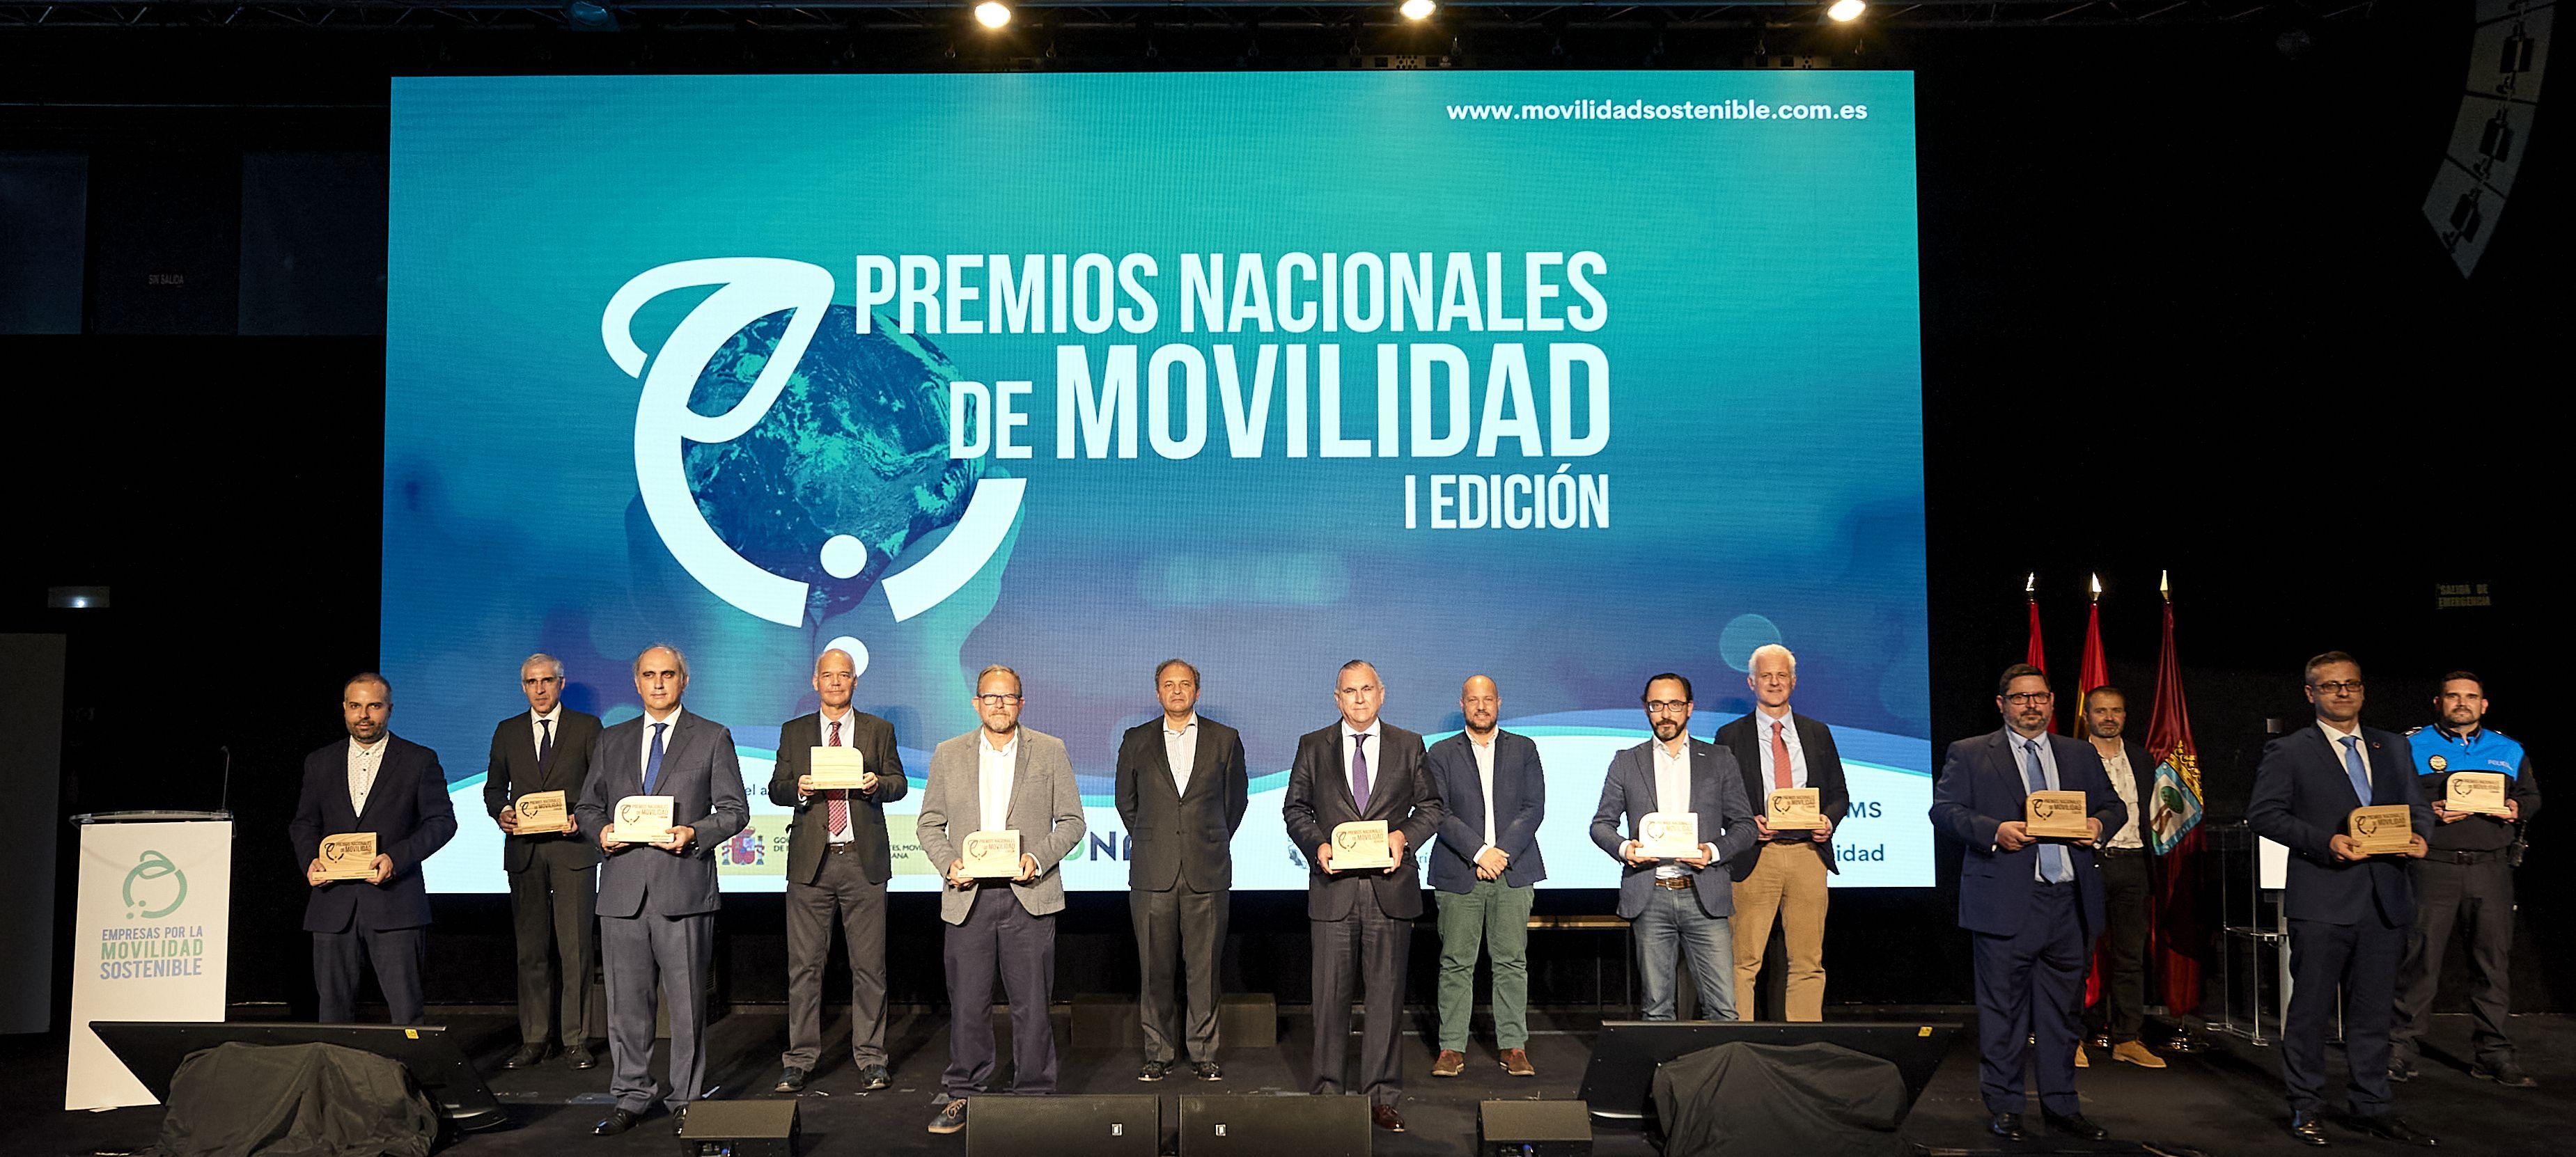 Estos son los ganadores de los Premios Nacionales de Movilidad